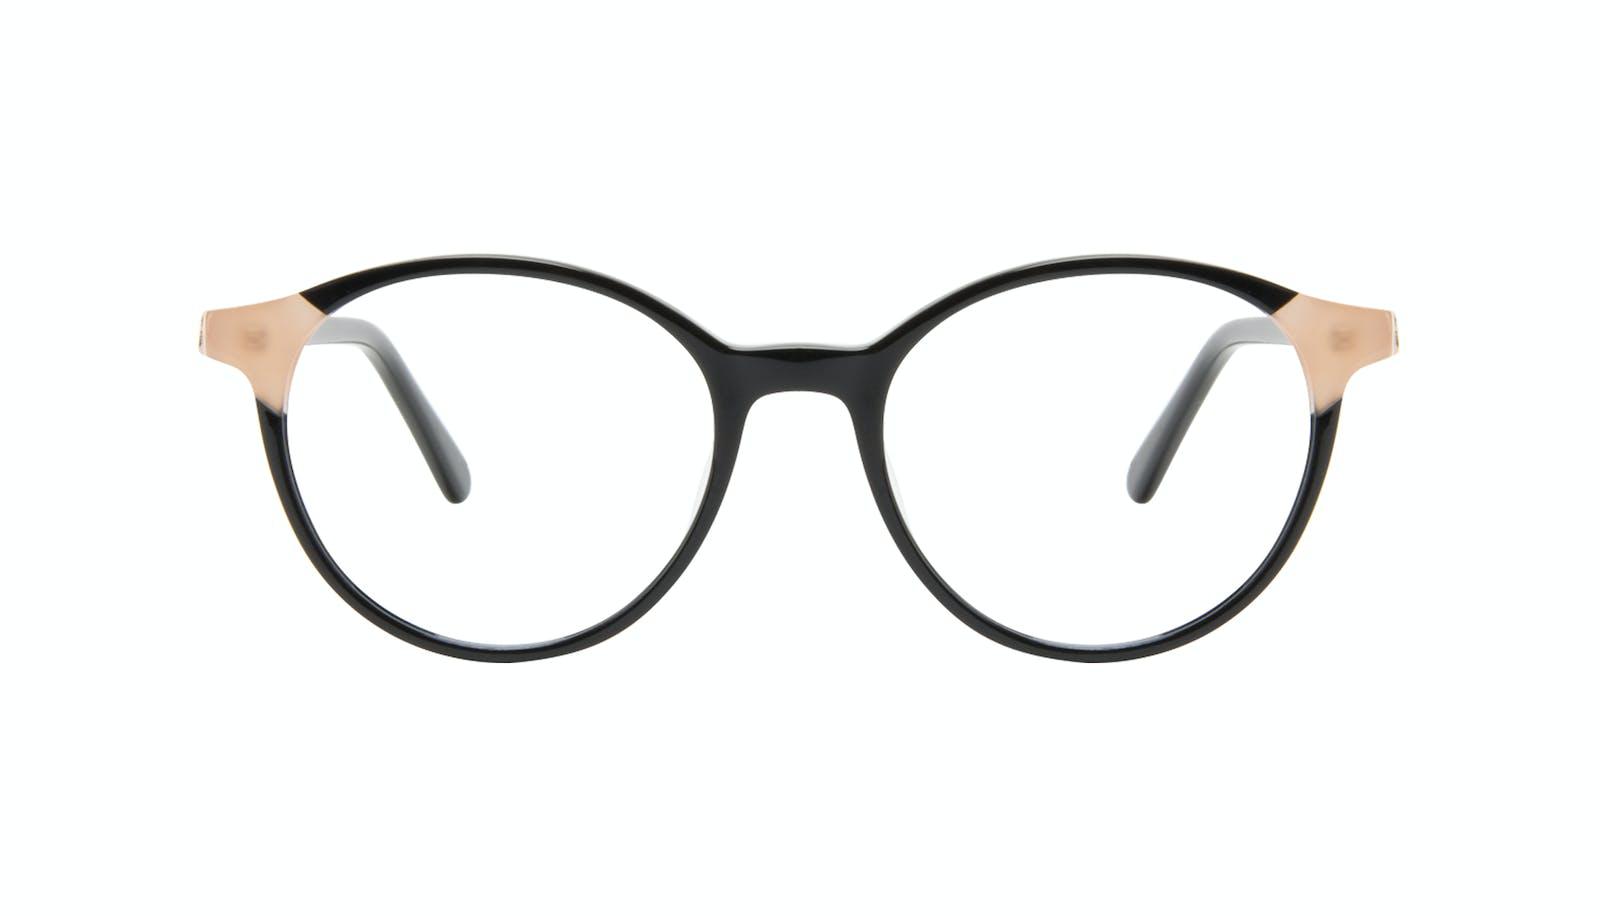 3d383206b0 Affordable Fashion Glasses Round Eyeglasses Women Vivid Black Ivory